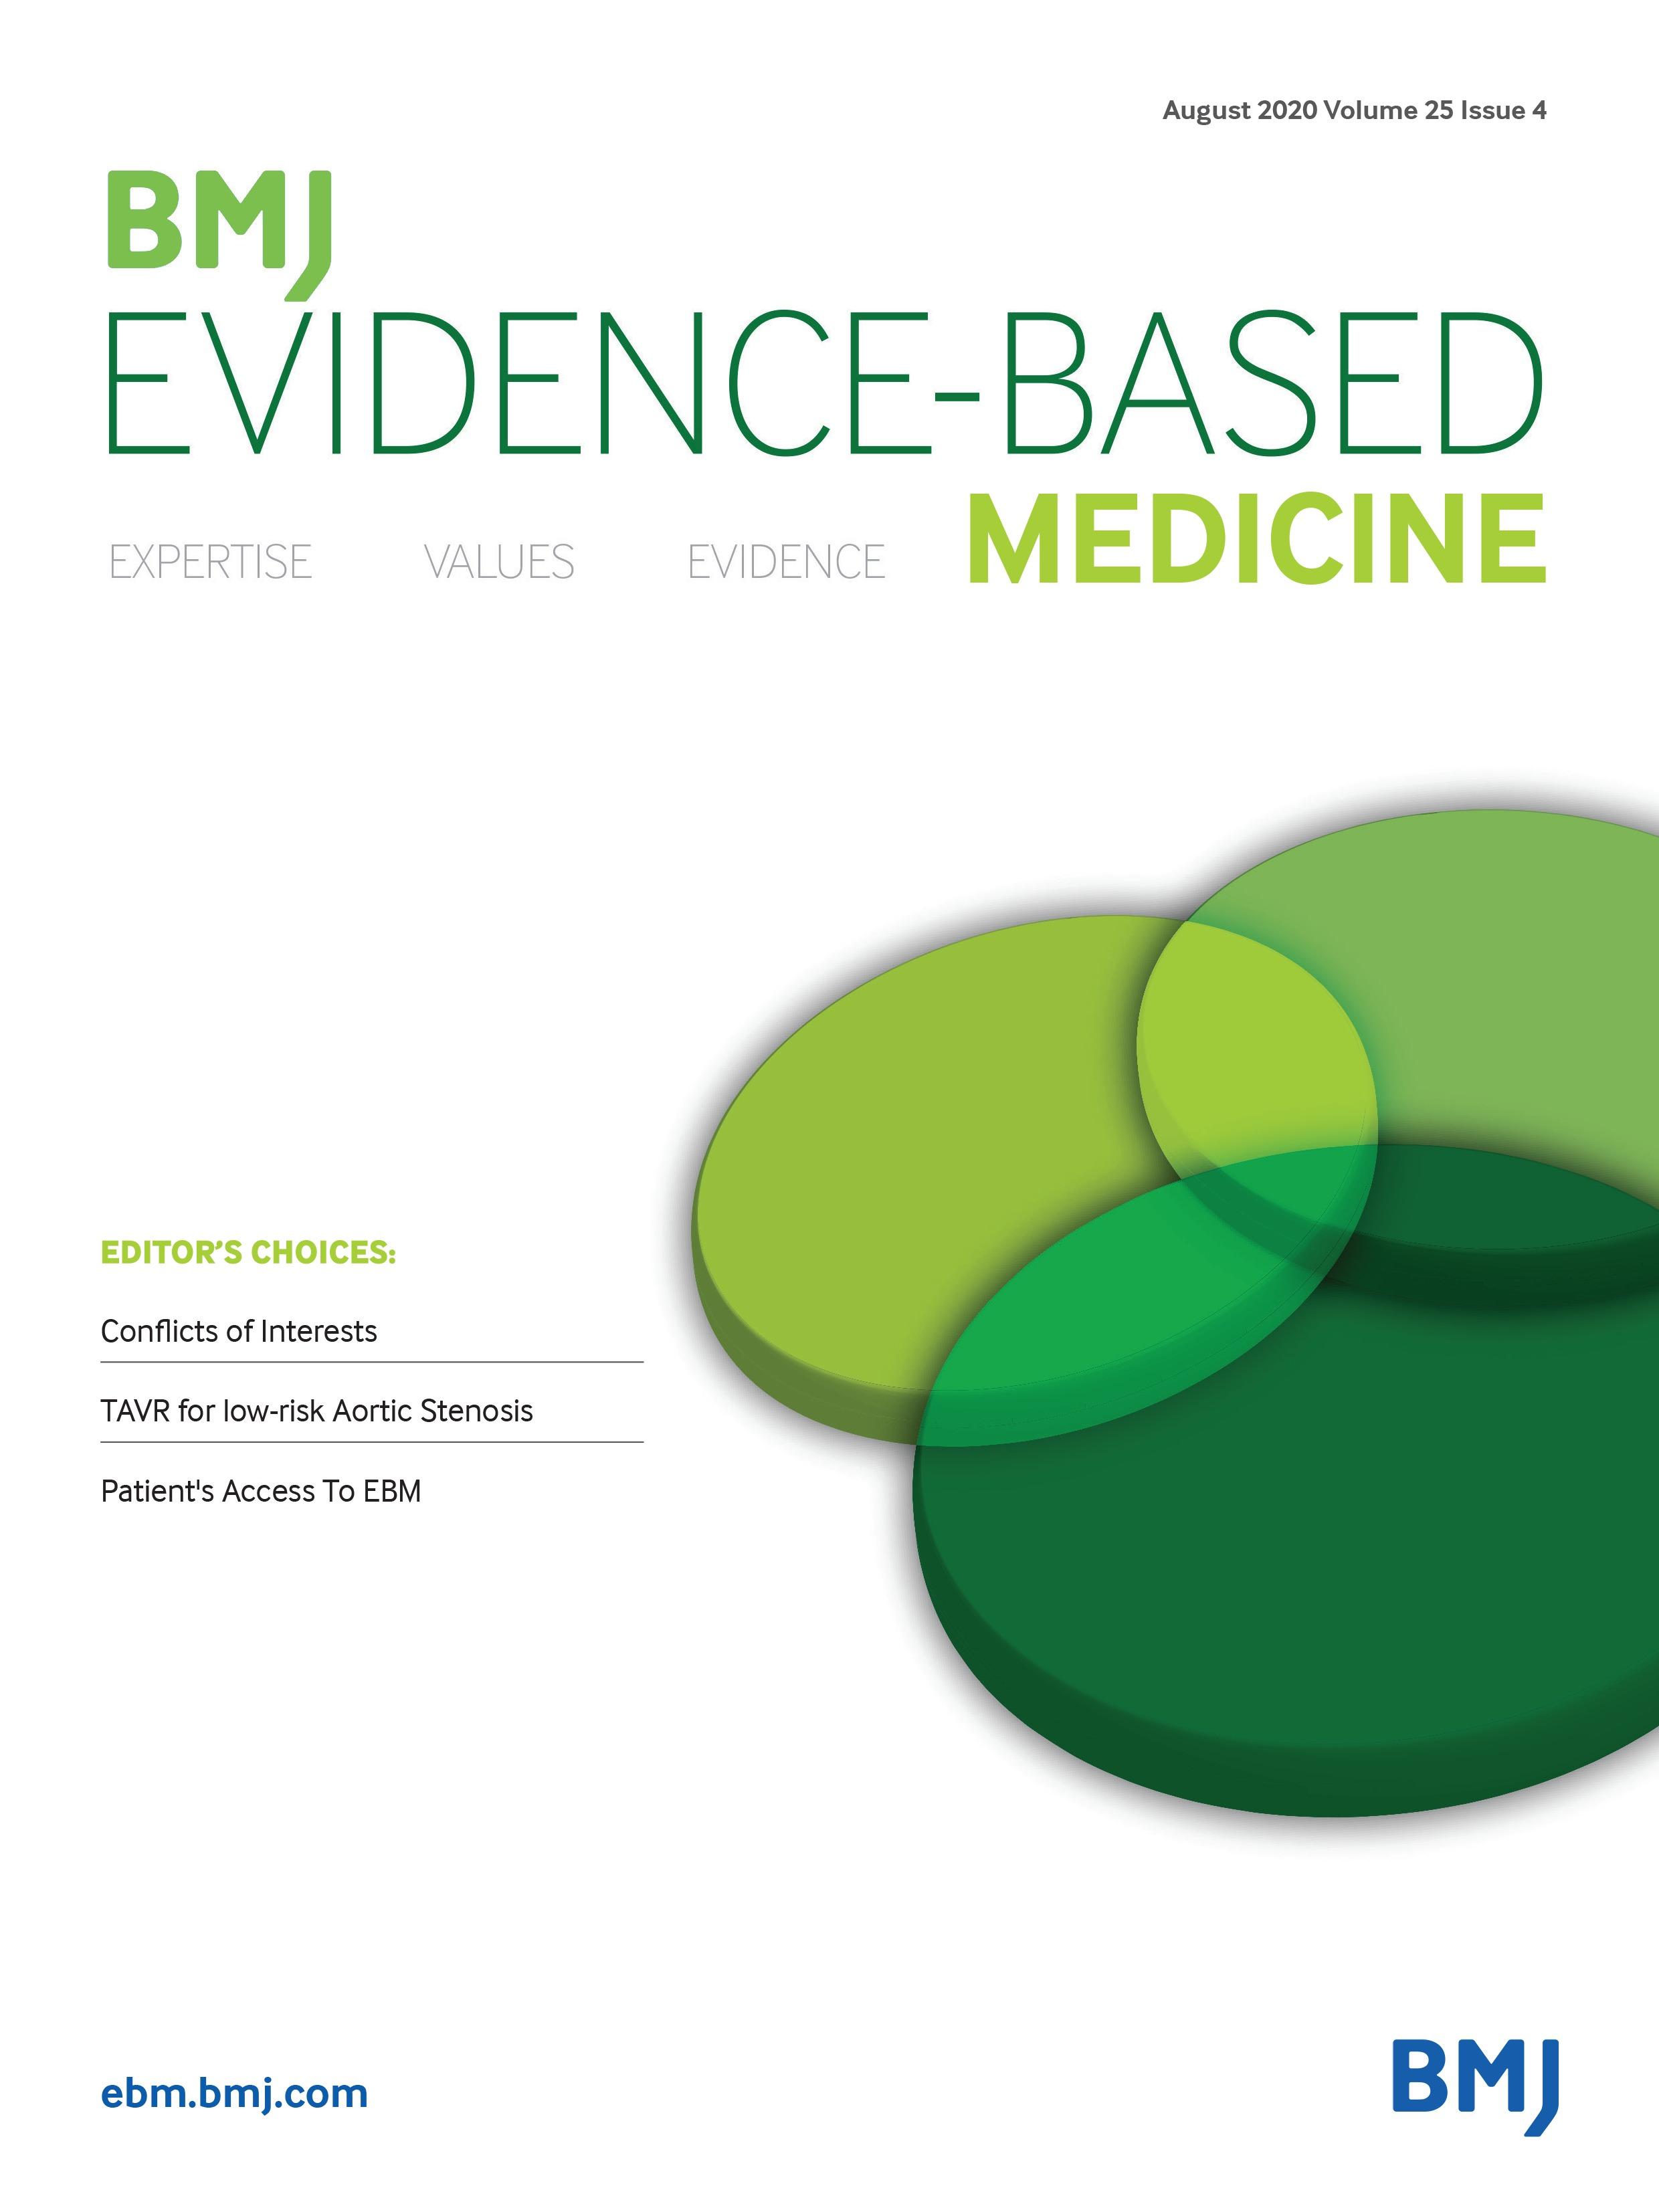 keto diet science based medicine